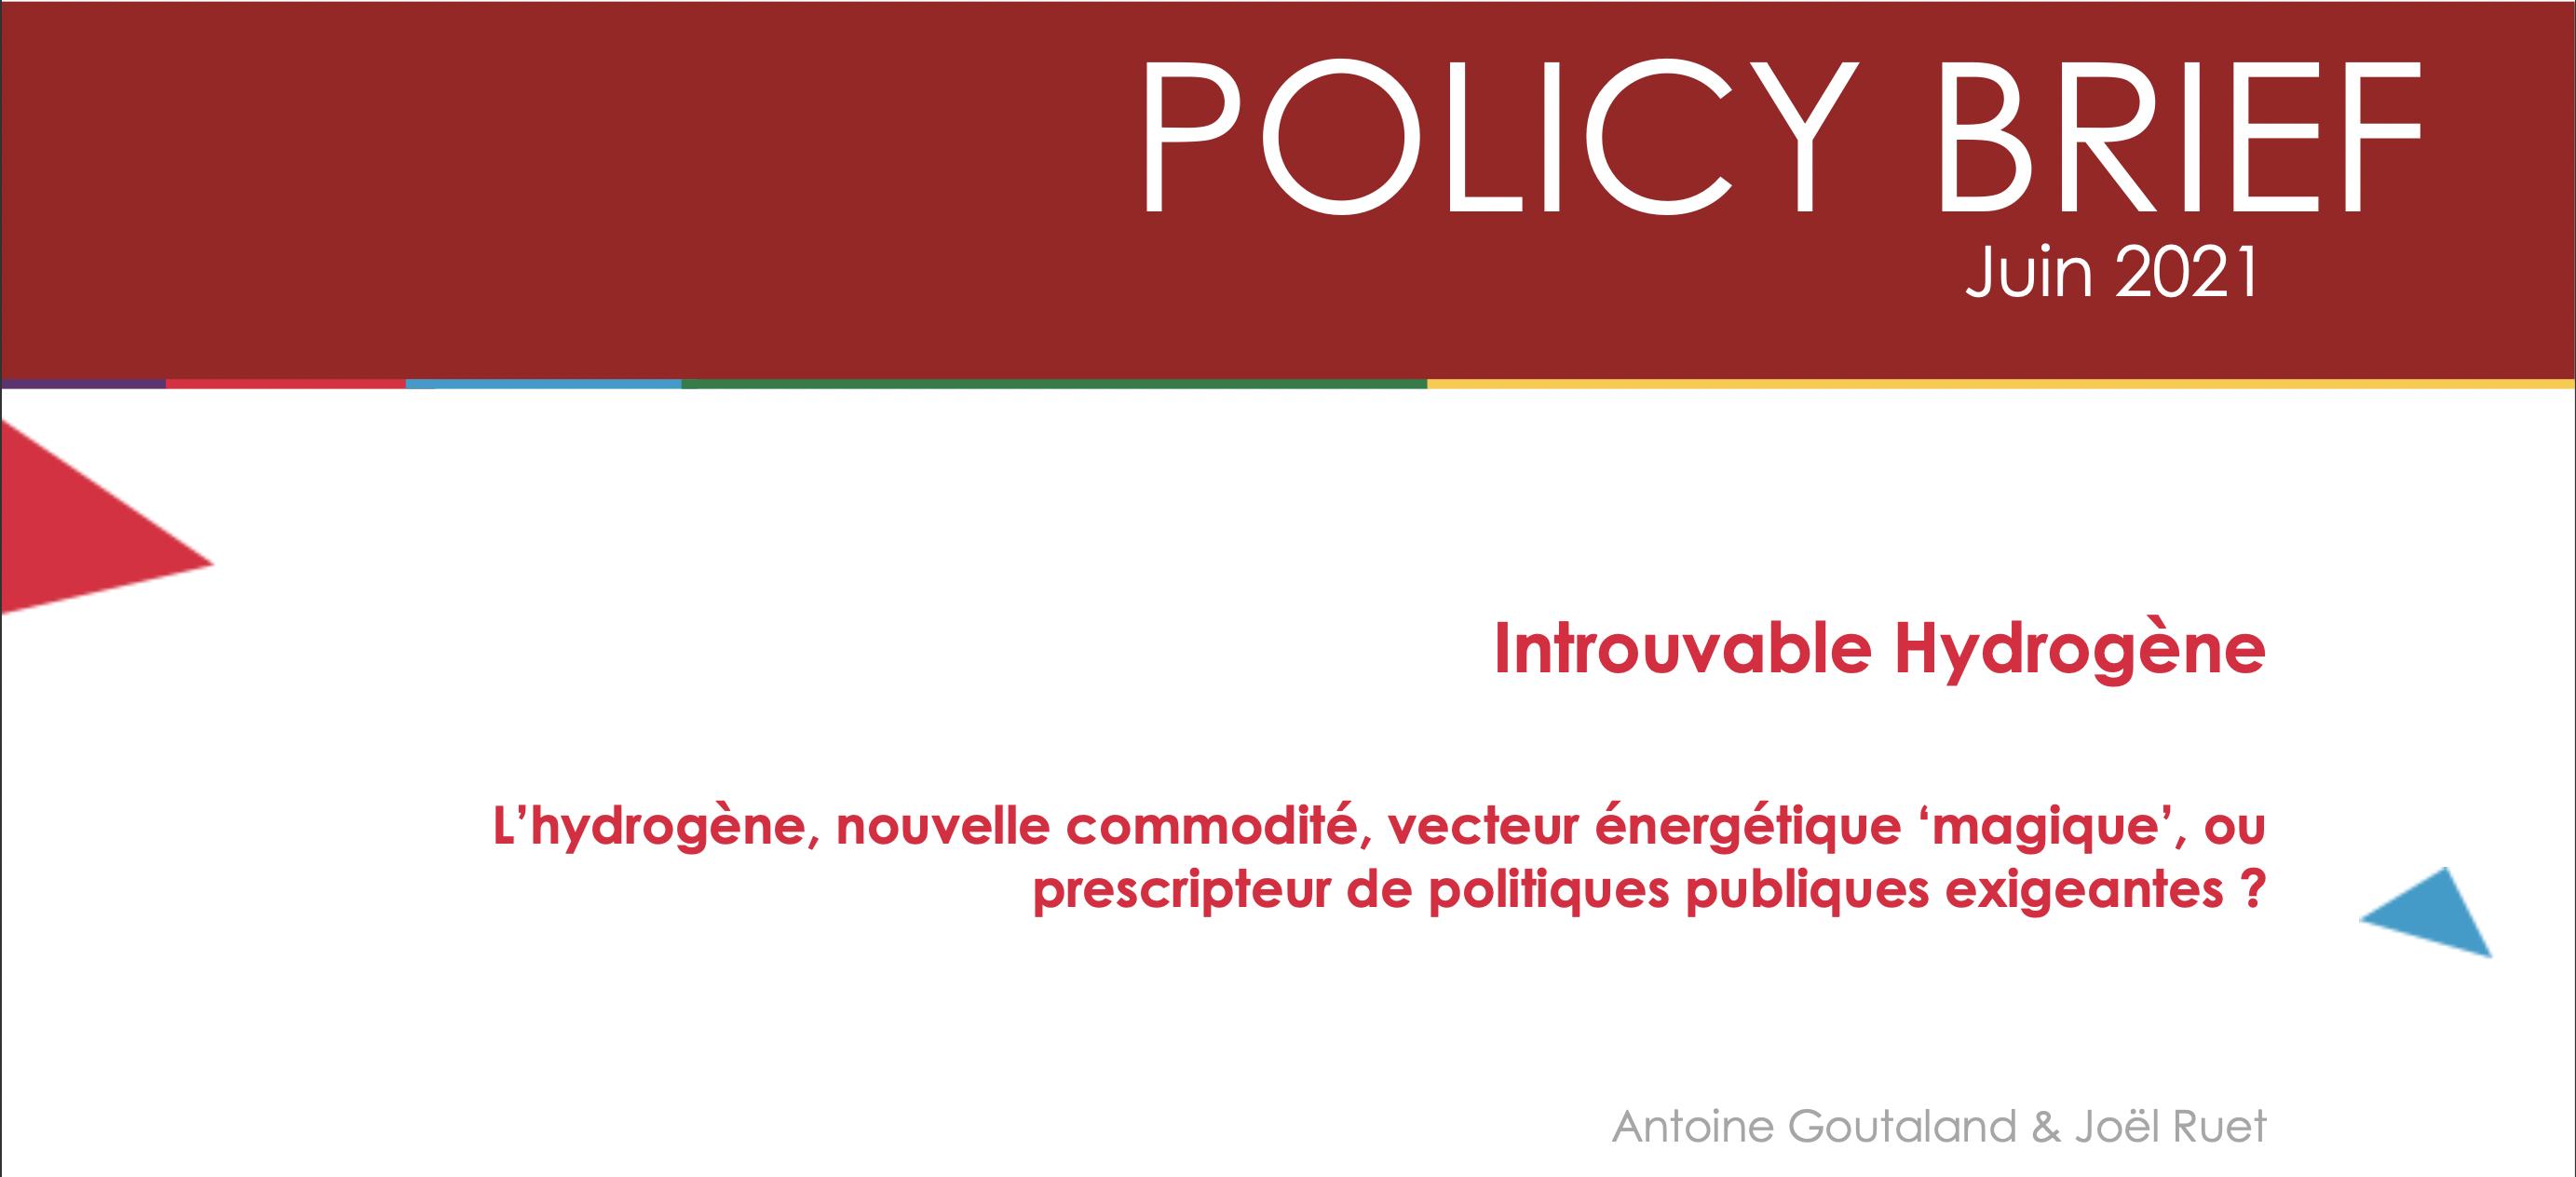 Policy Brief – L'hydrogène, nouvelle commodité, vecteur énergétique 'magique', ou prescripteur de politiques publiques exigeantes ?